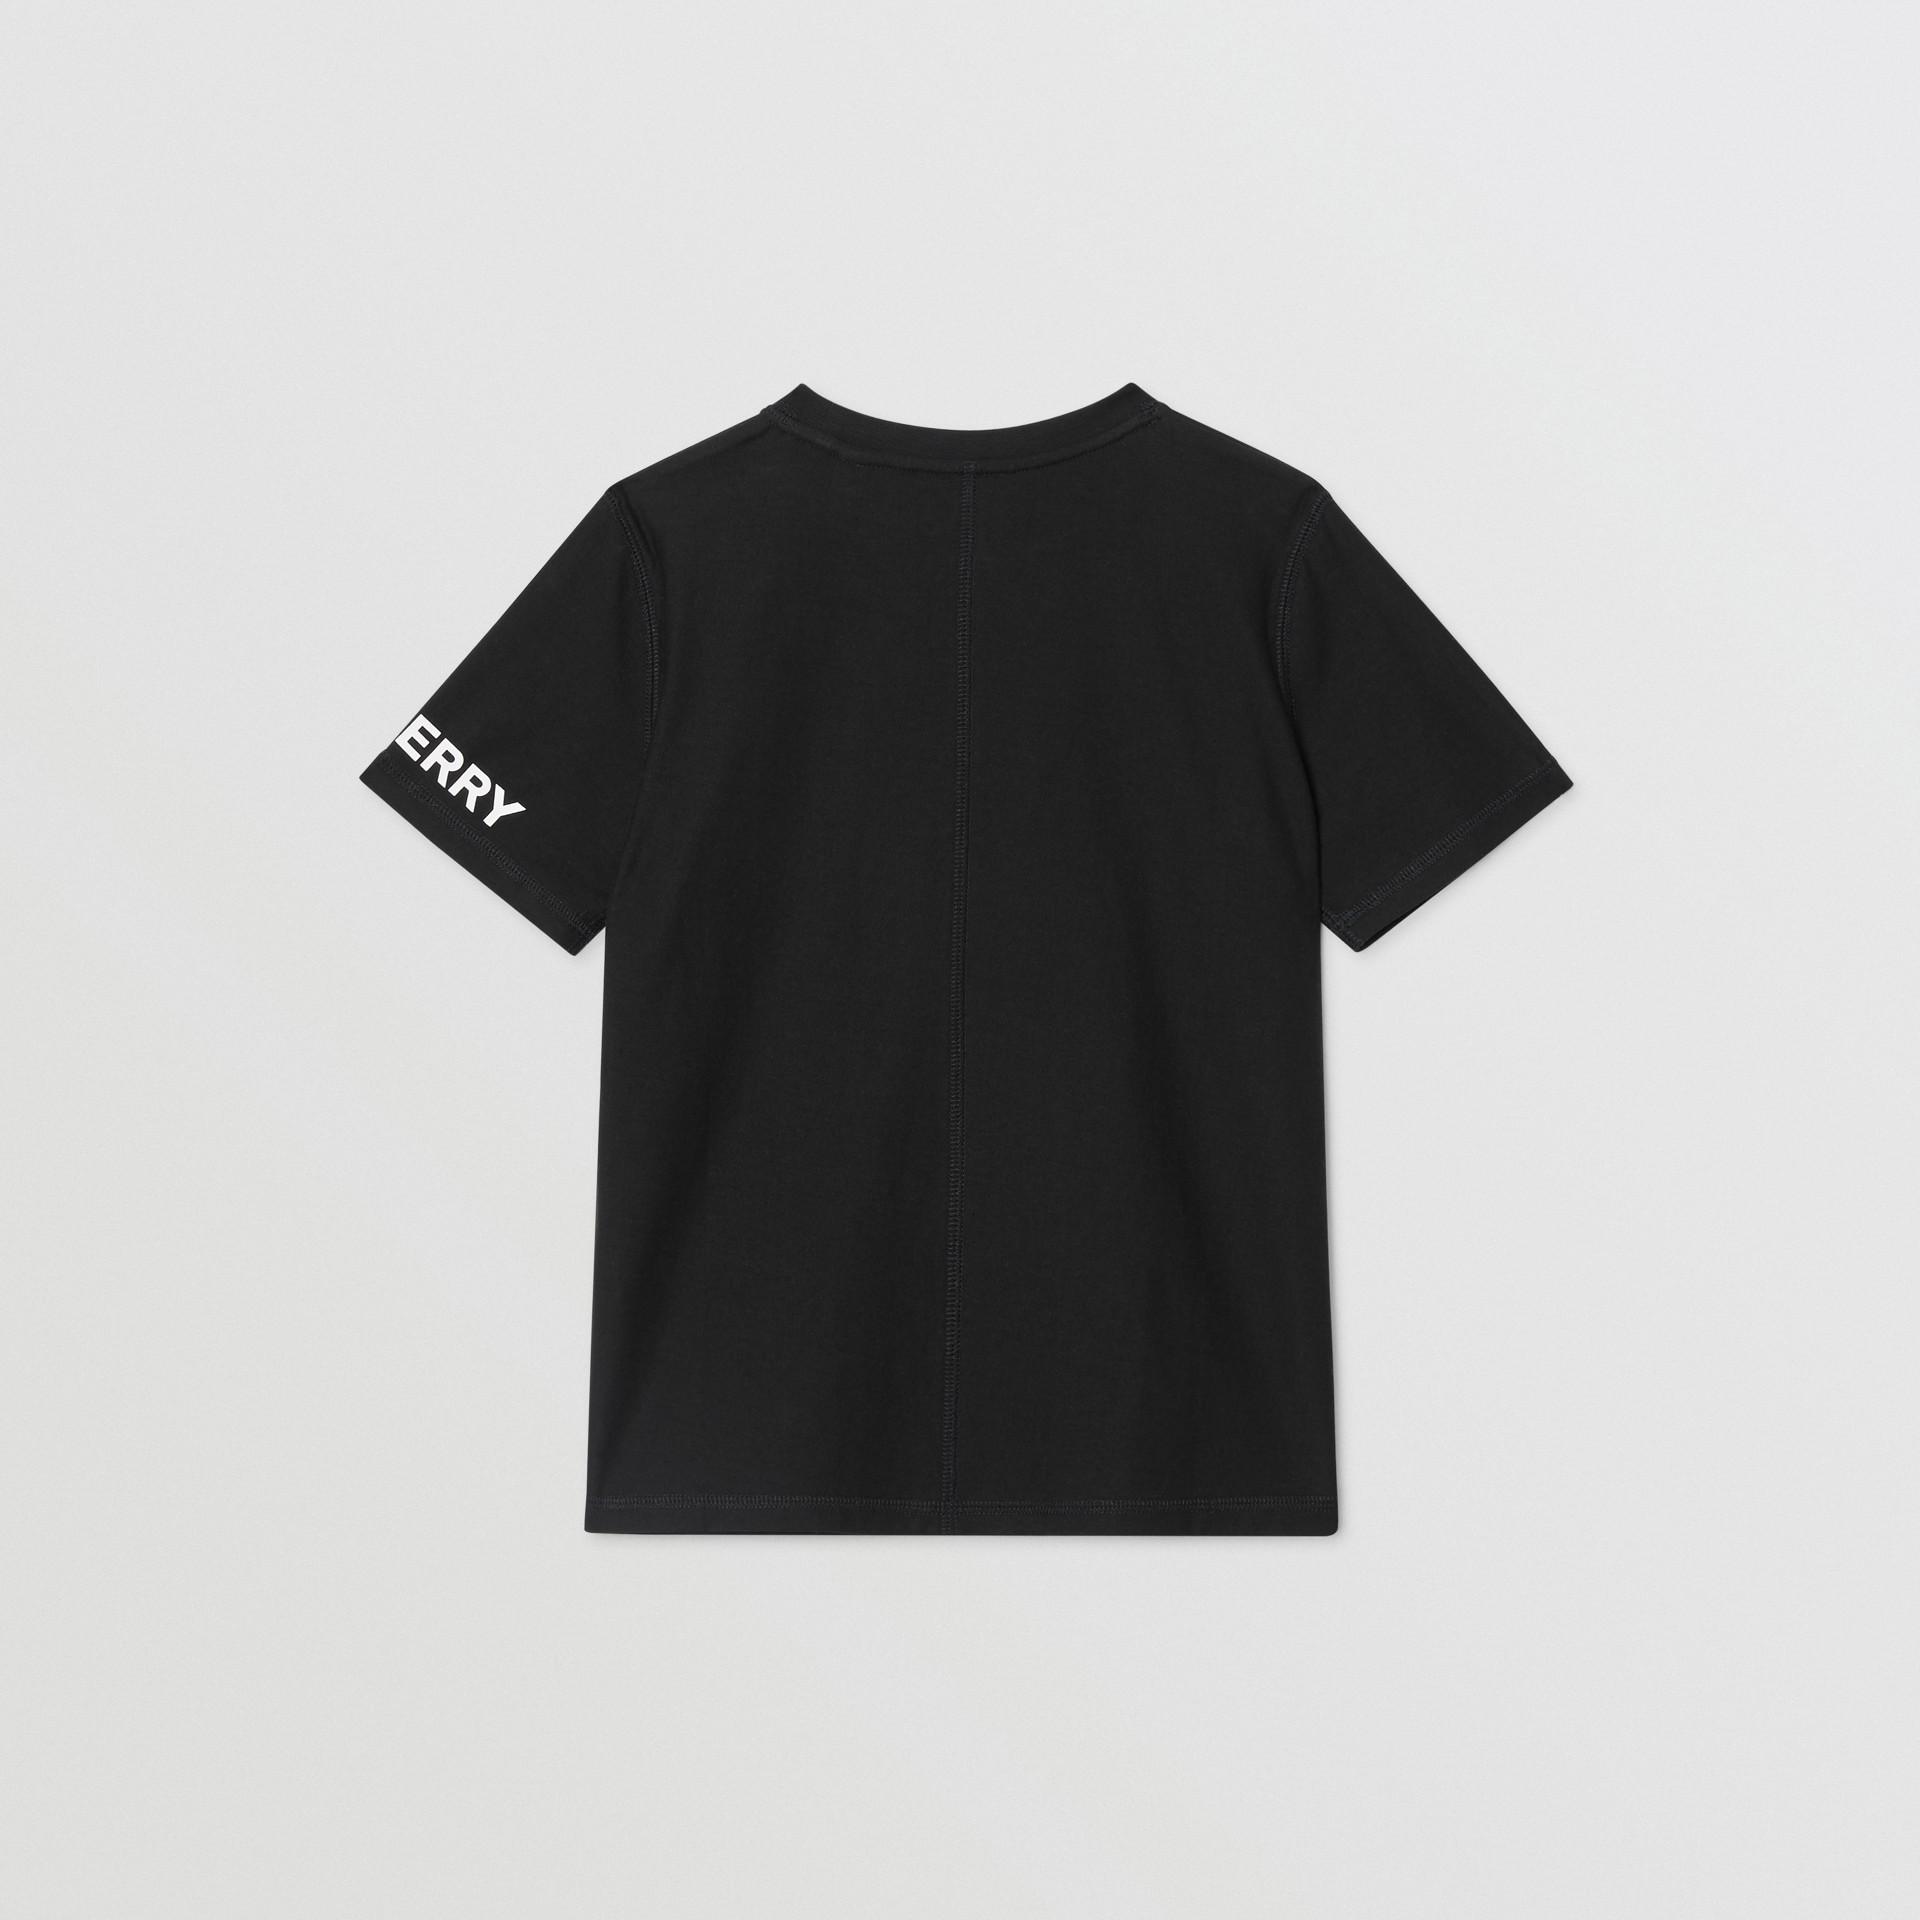 로고 그래픽 코튼 티셔츠 (블랙) | Burberry - 갤러리 이미지 3